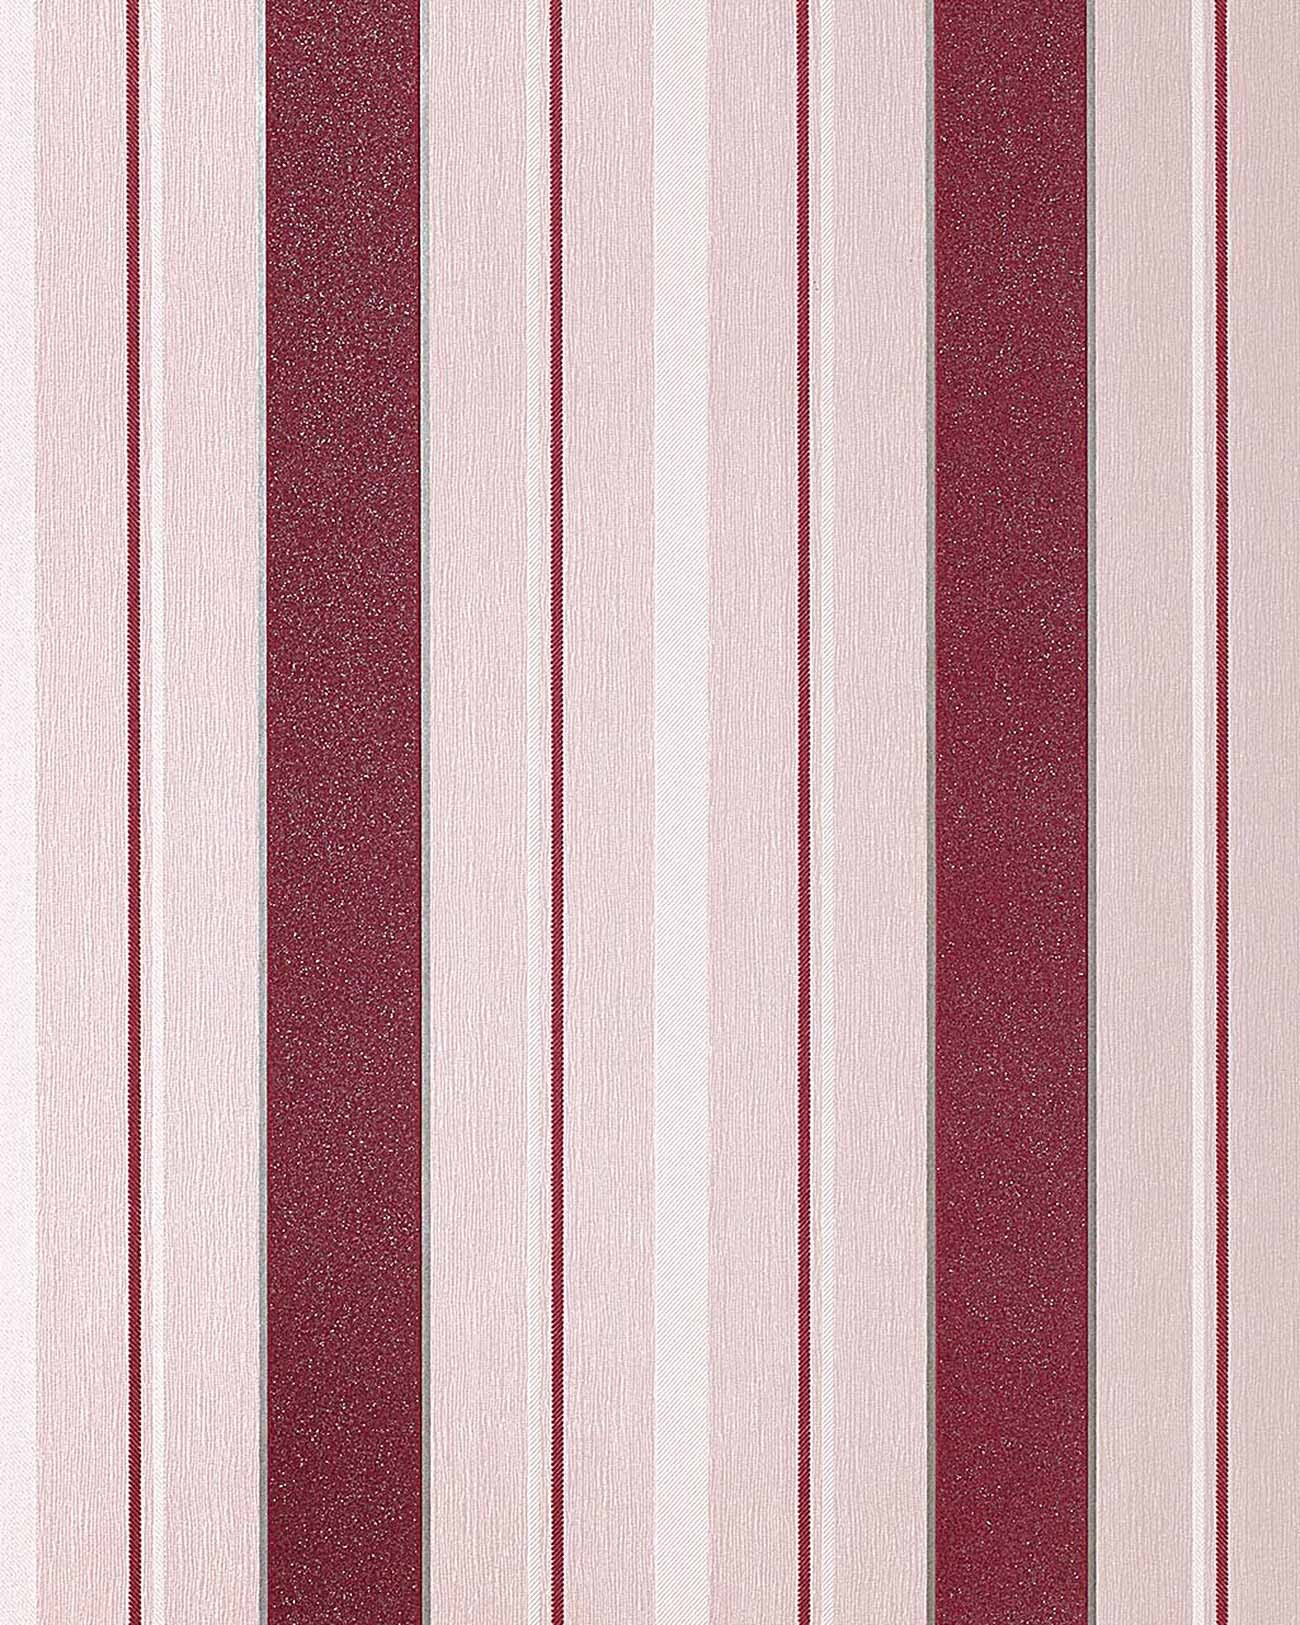 Carta da parati a righe con disegno a strisce edem 069 24 for Carta da parati a strisce